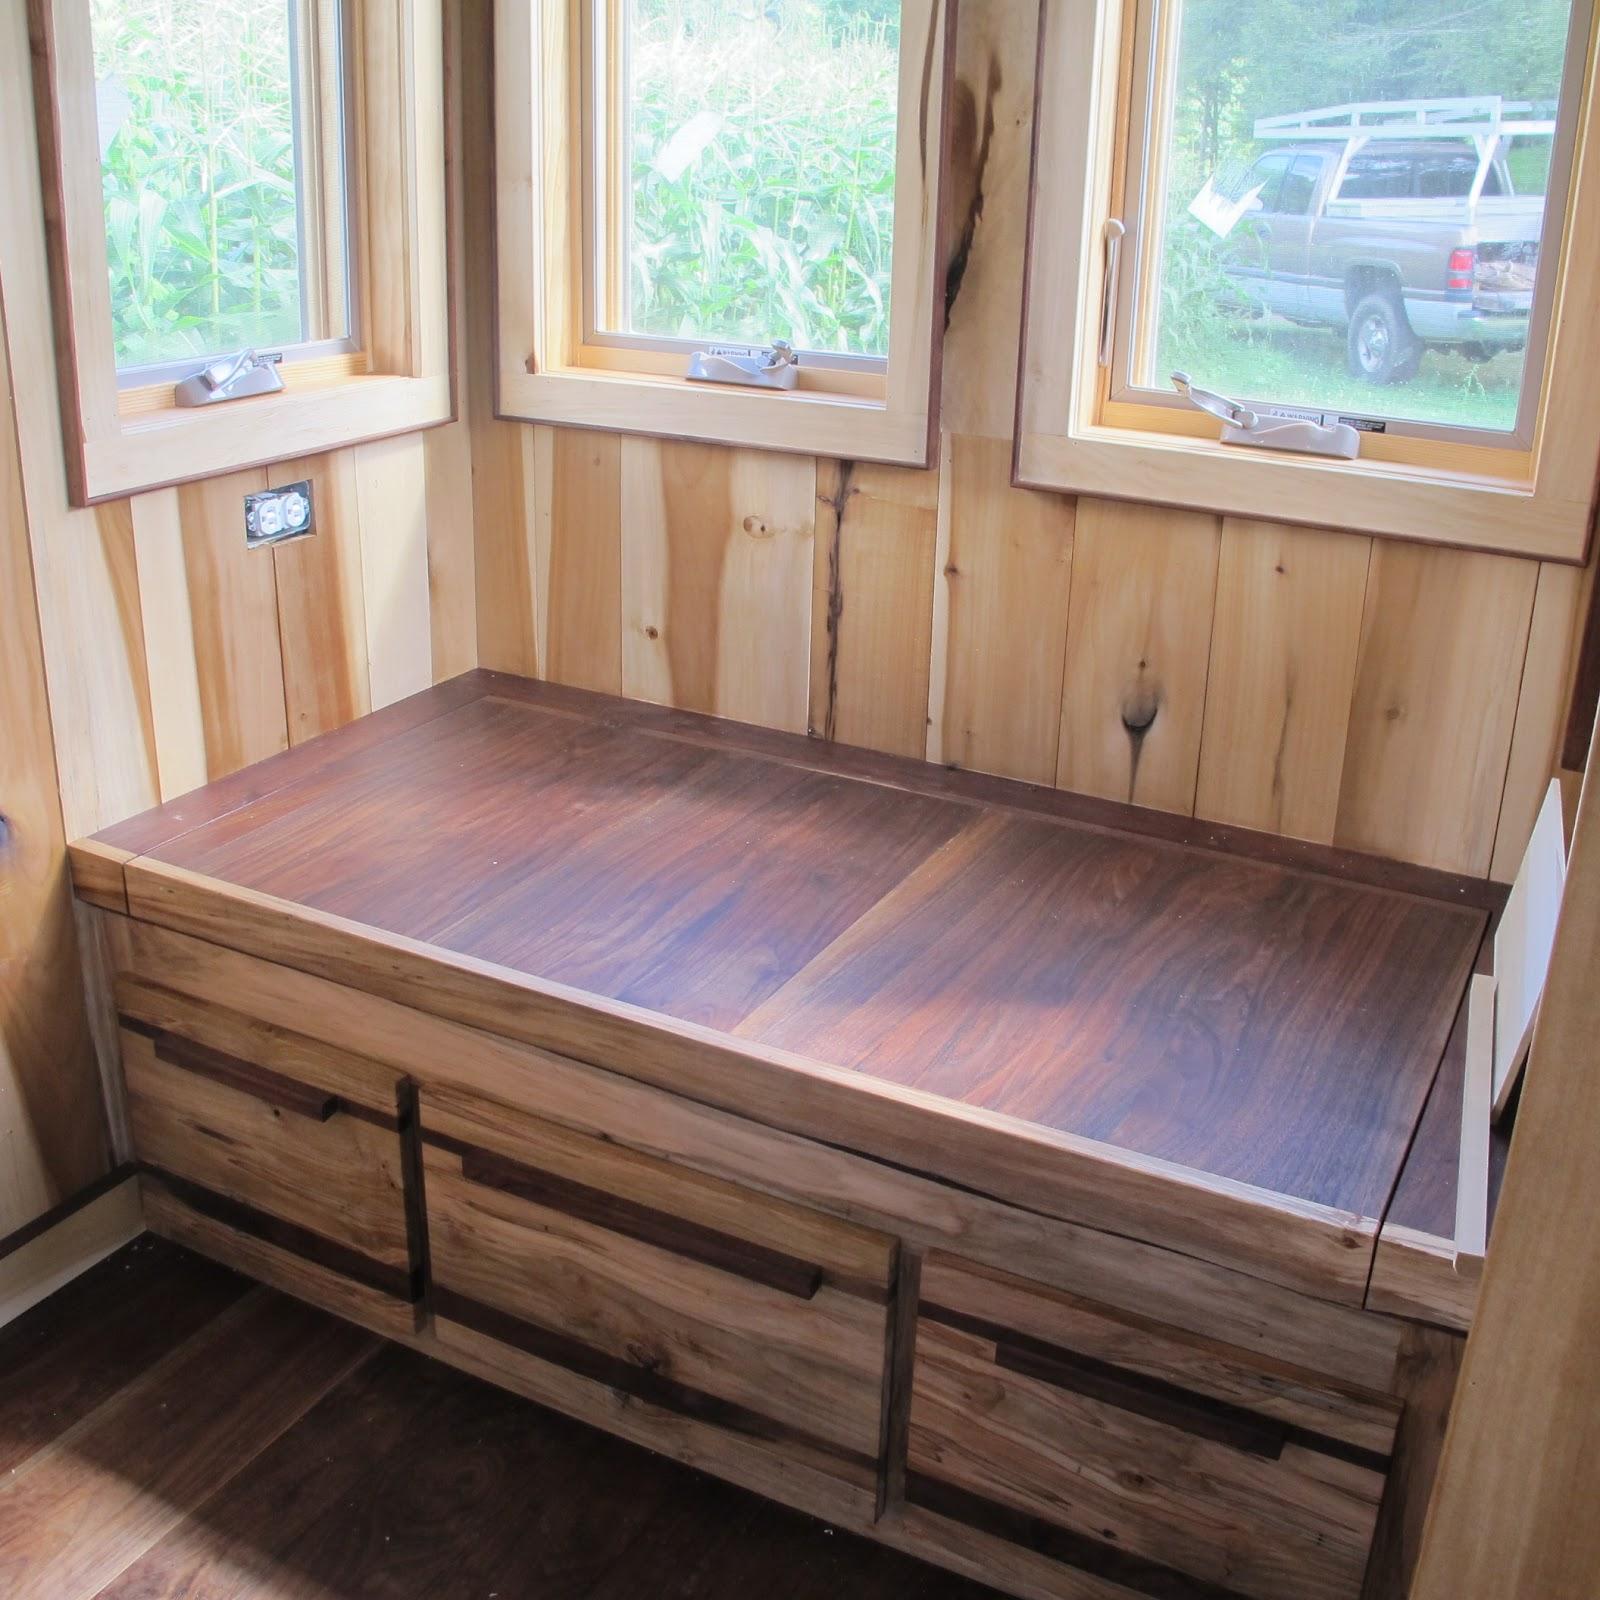 Owl Creek Happenings Tumbleweed Traveling: Owl Creek Happenings: Tumbleweed Tiny House II